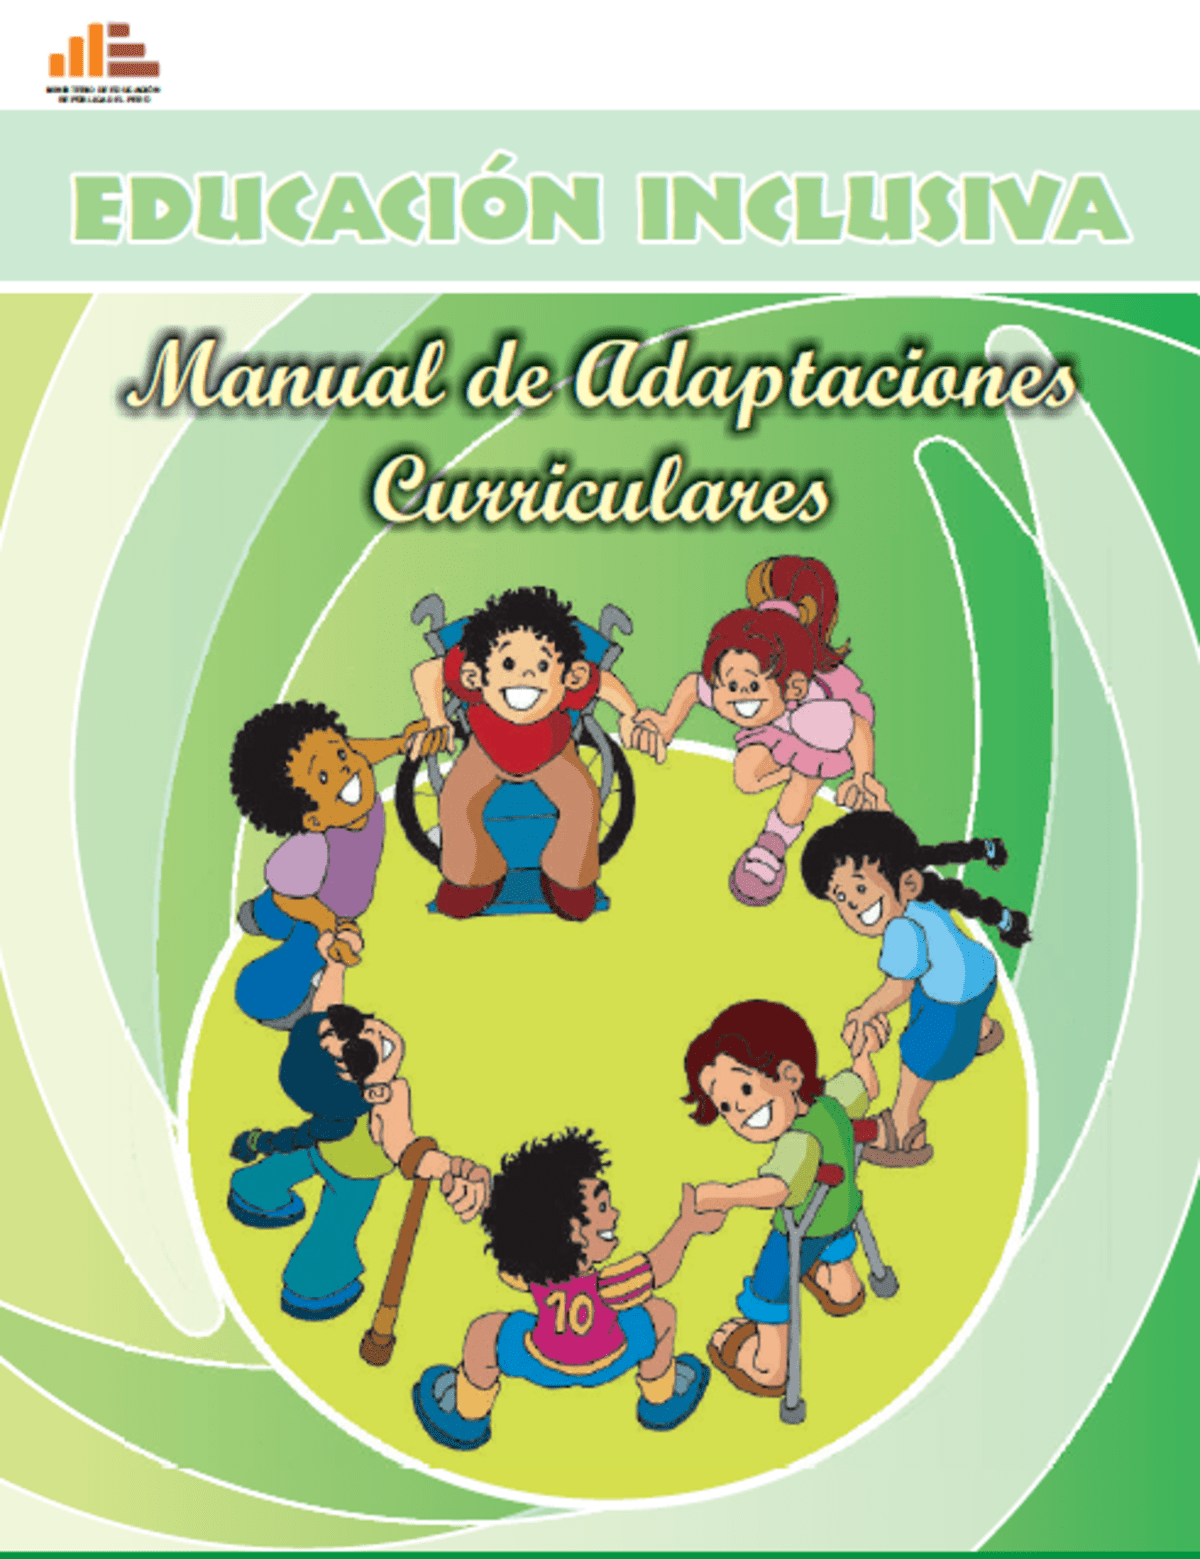 Educación Inclusiva - Manual de Adaptaciones Curriculares